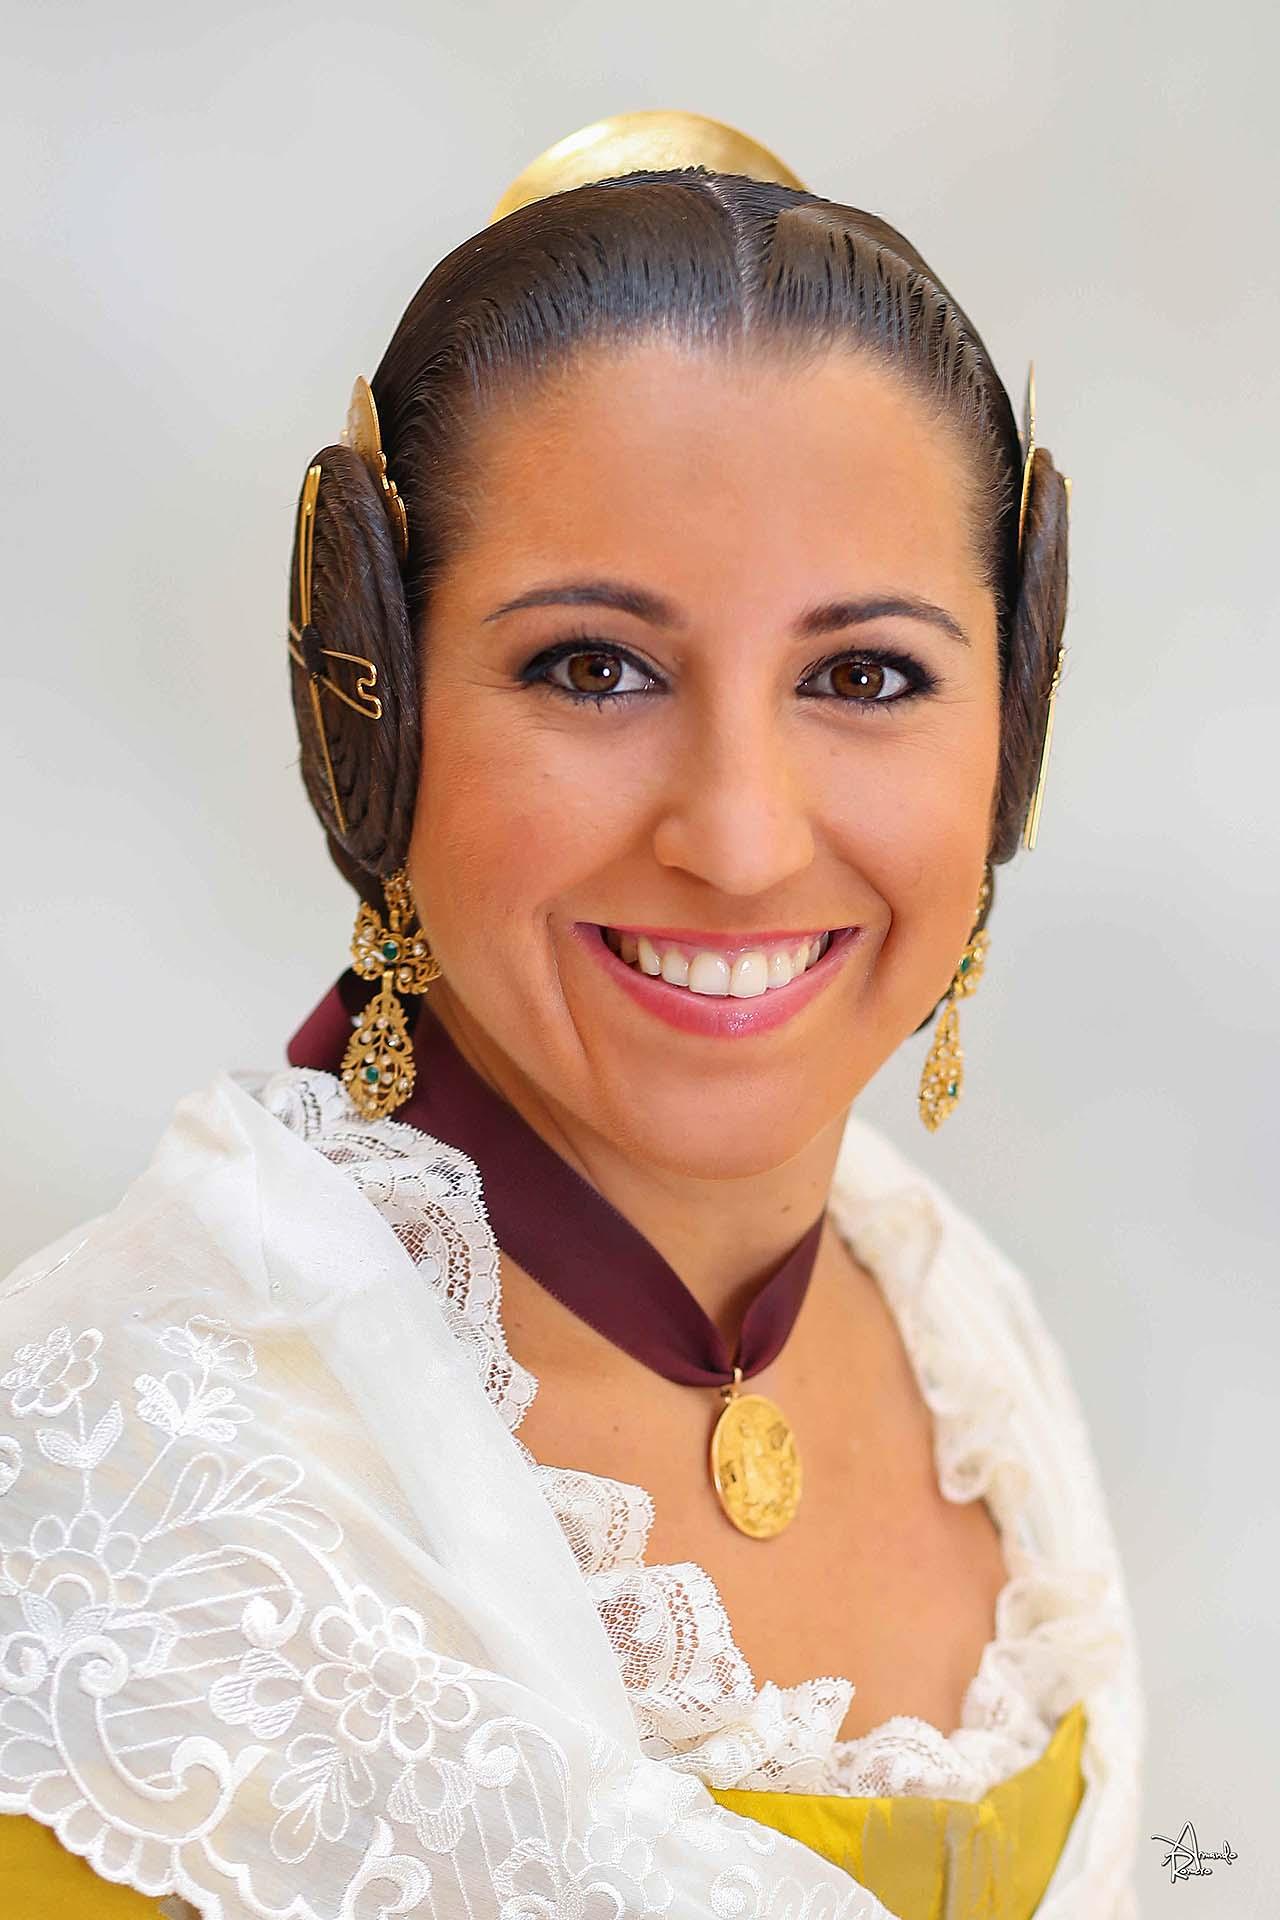 Ana Lucia Ebri Monzó